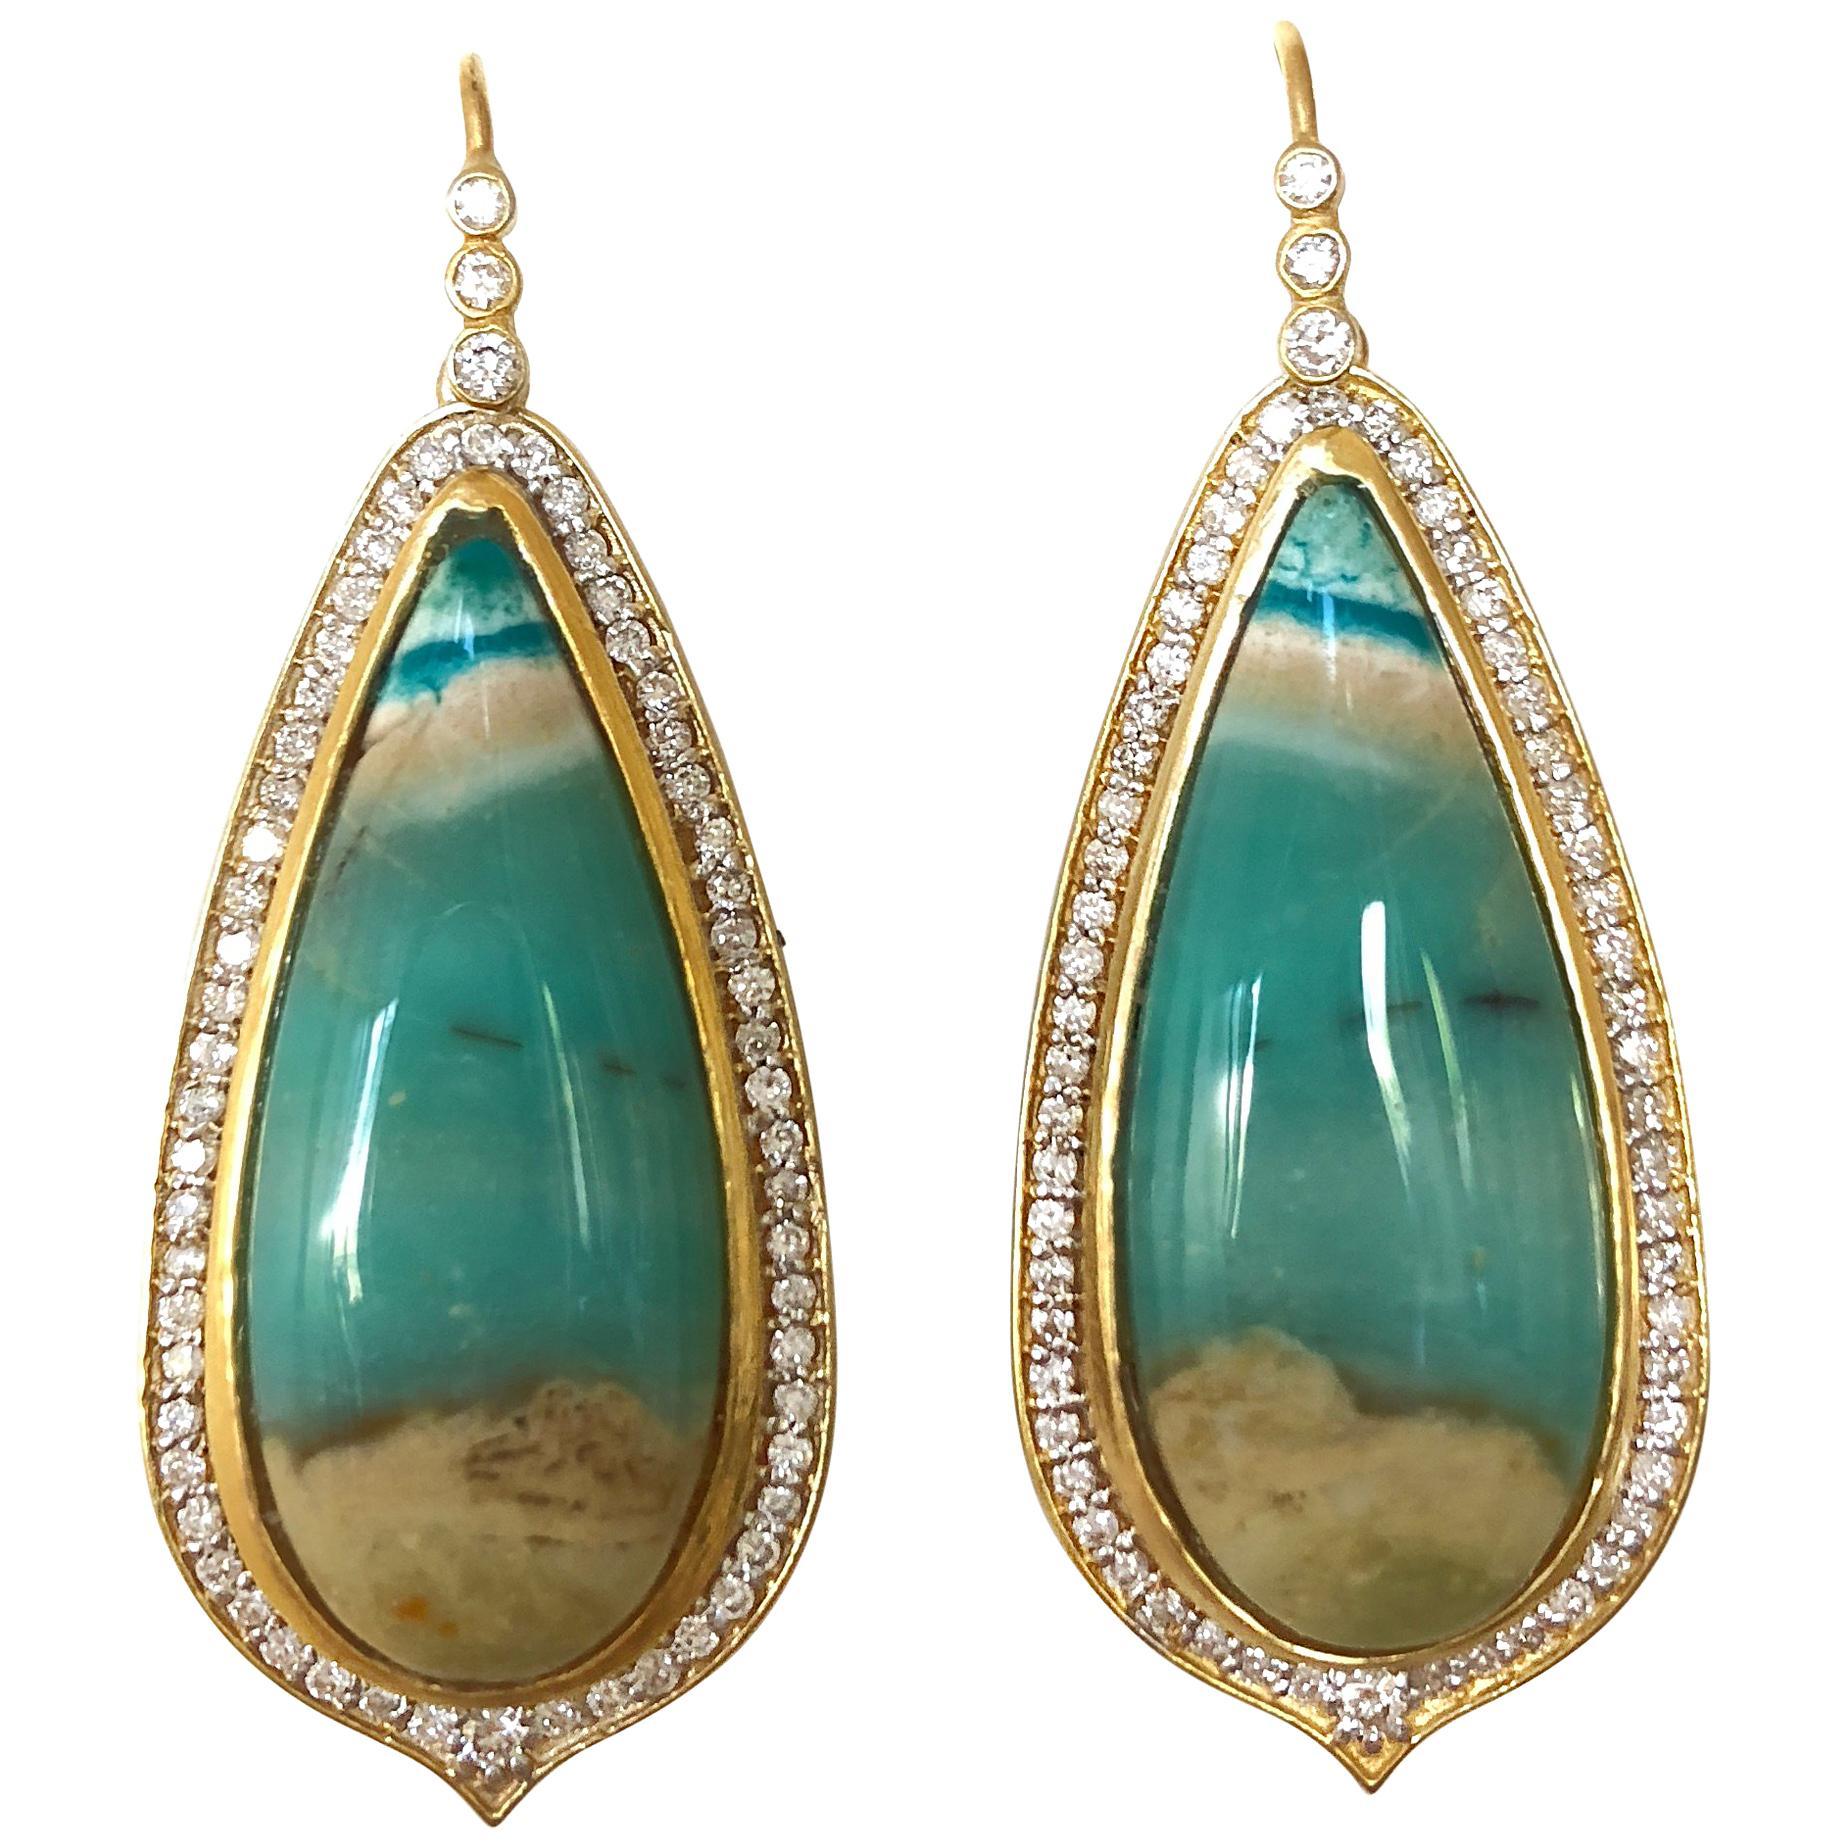 Lauren Harper 1.03 Carat Diamonds Opalized Petrified Wood Gold Earrings